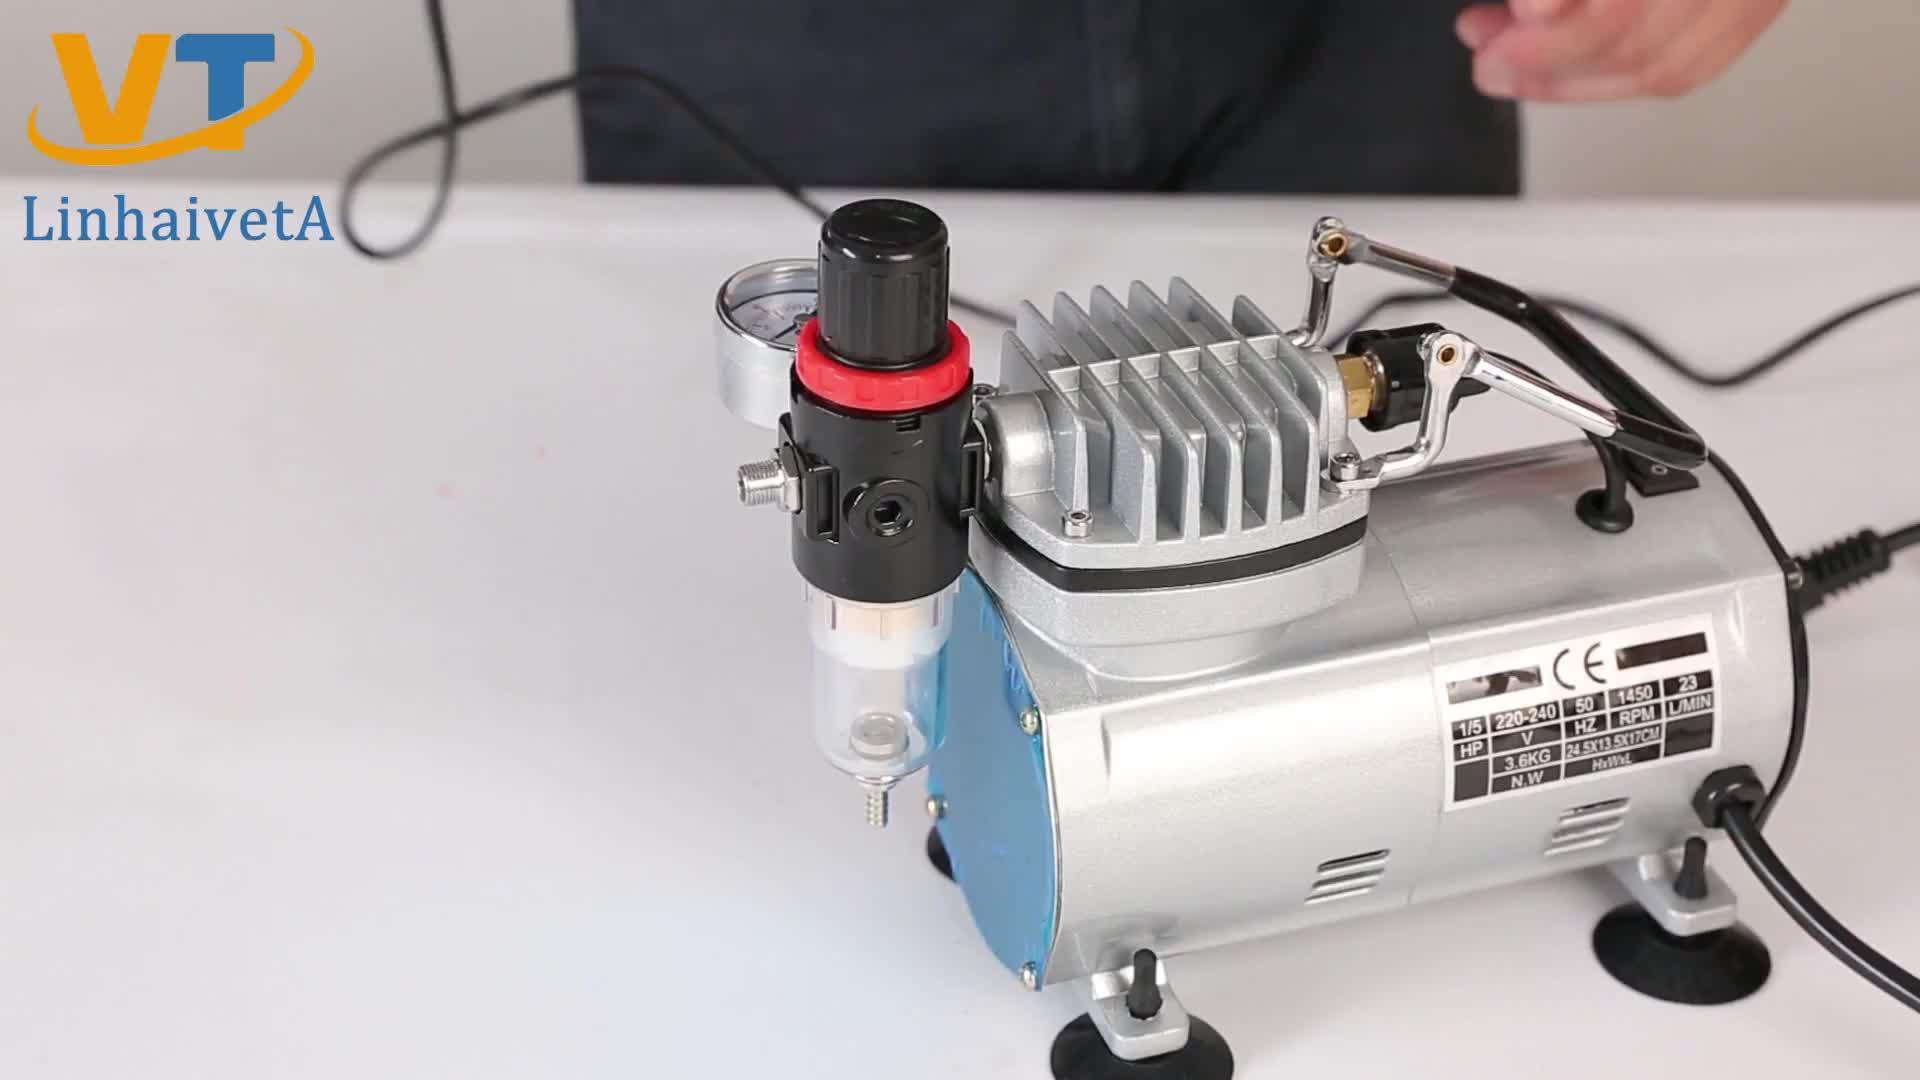 AC-18B 휴대용 미니 에어 브러쉬 스프레이 총 기계 키트 에어 브러시 압축기